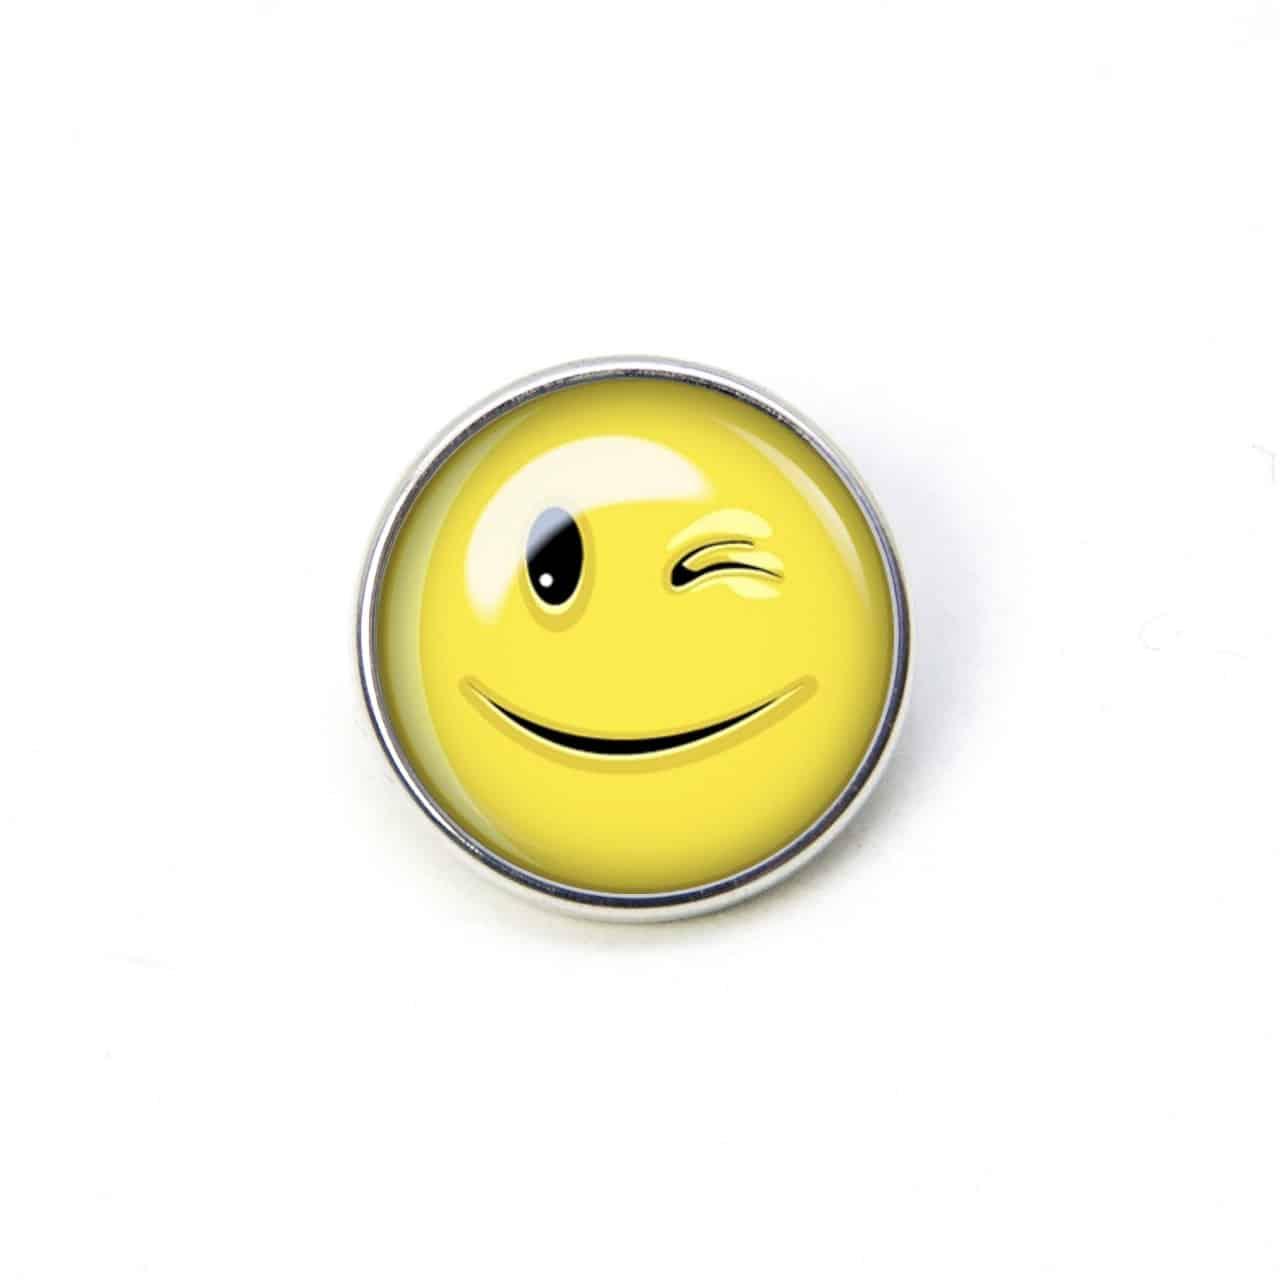 Zwinkernder was smiley bedeutet Der Zwinker